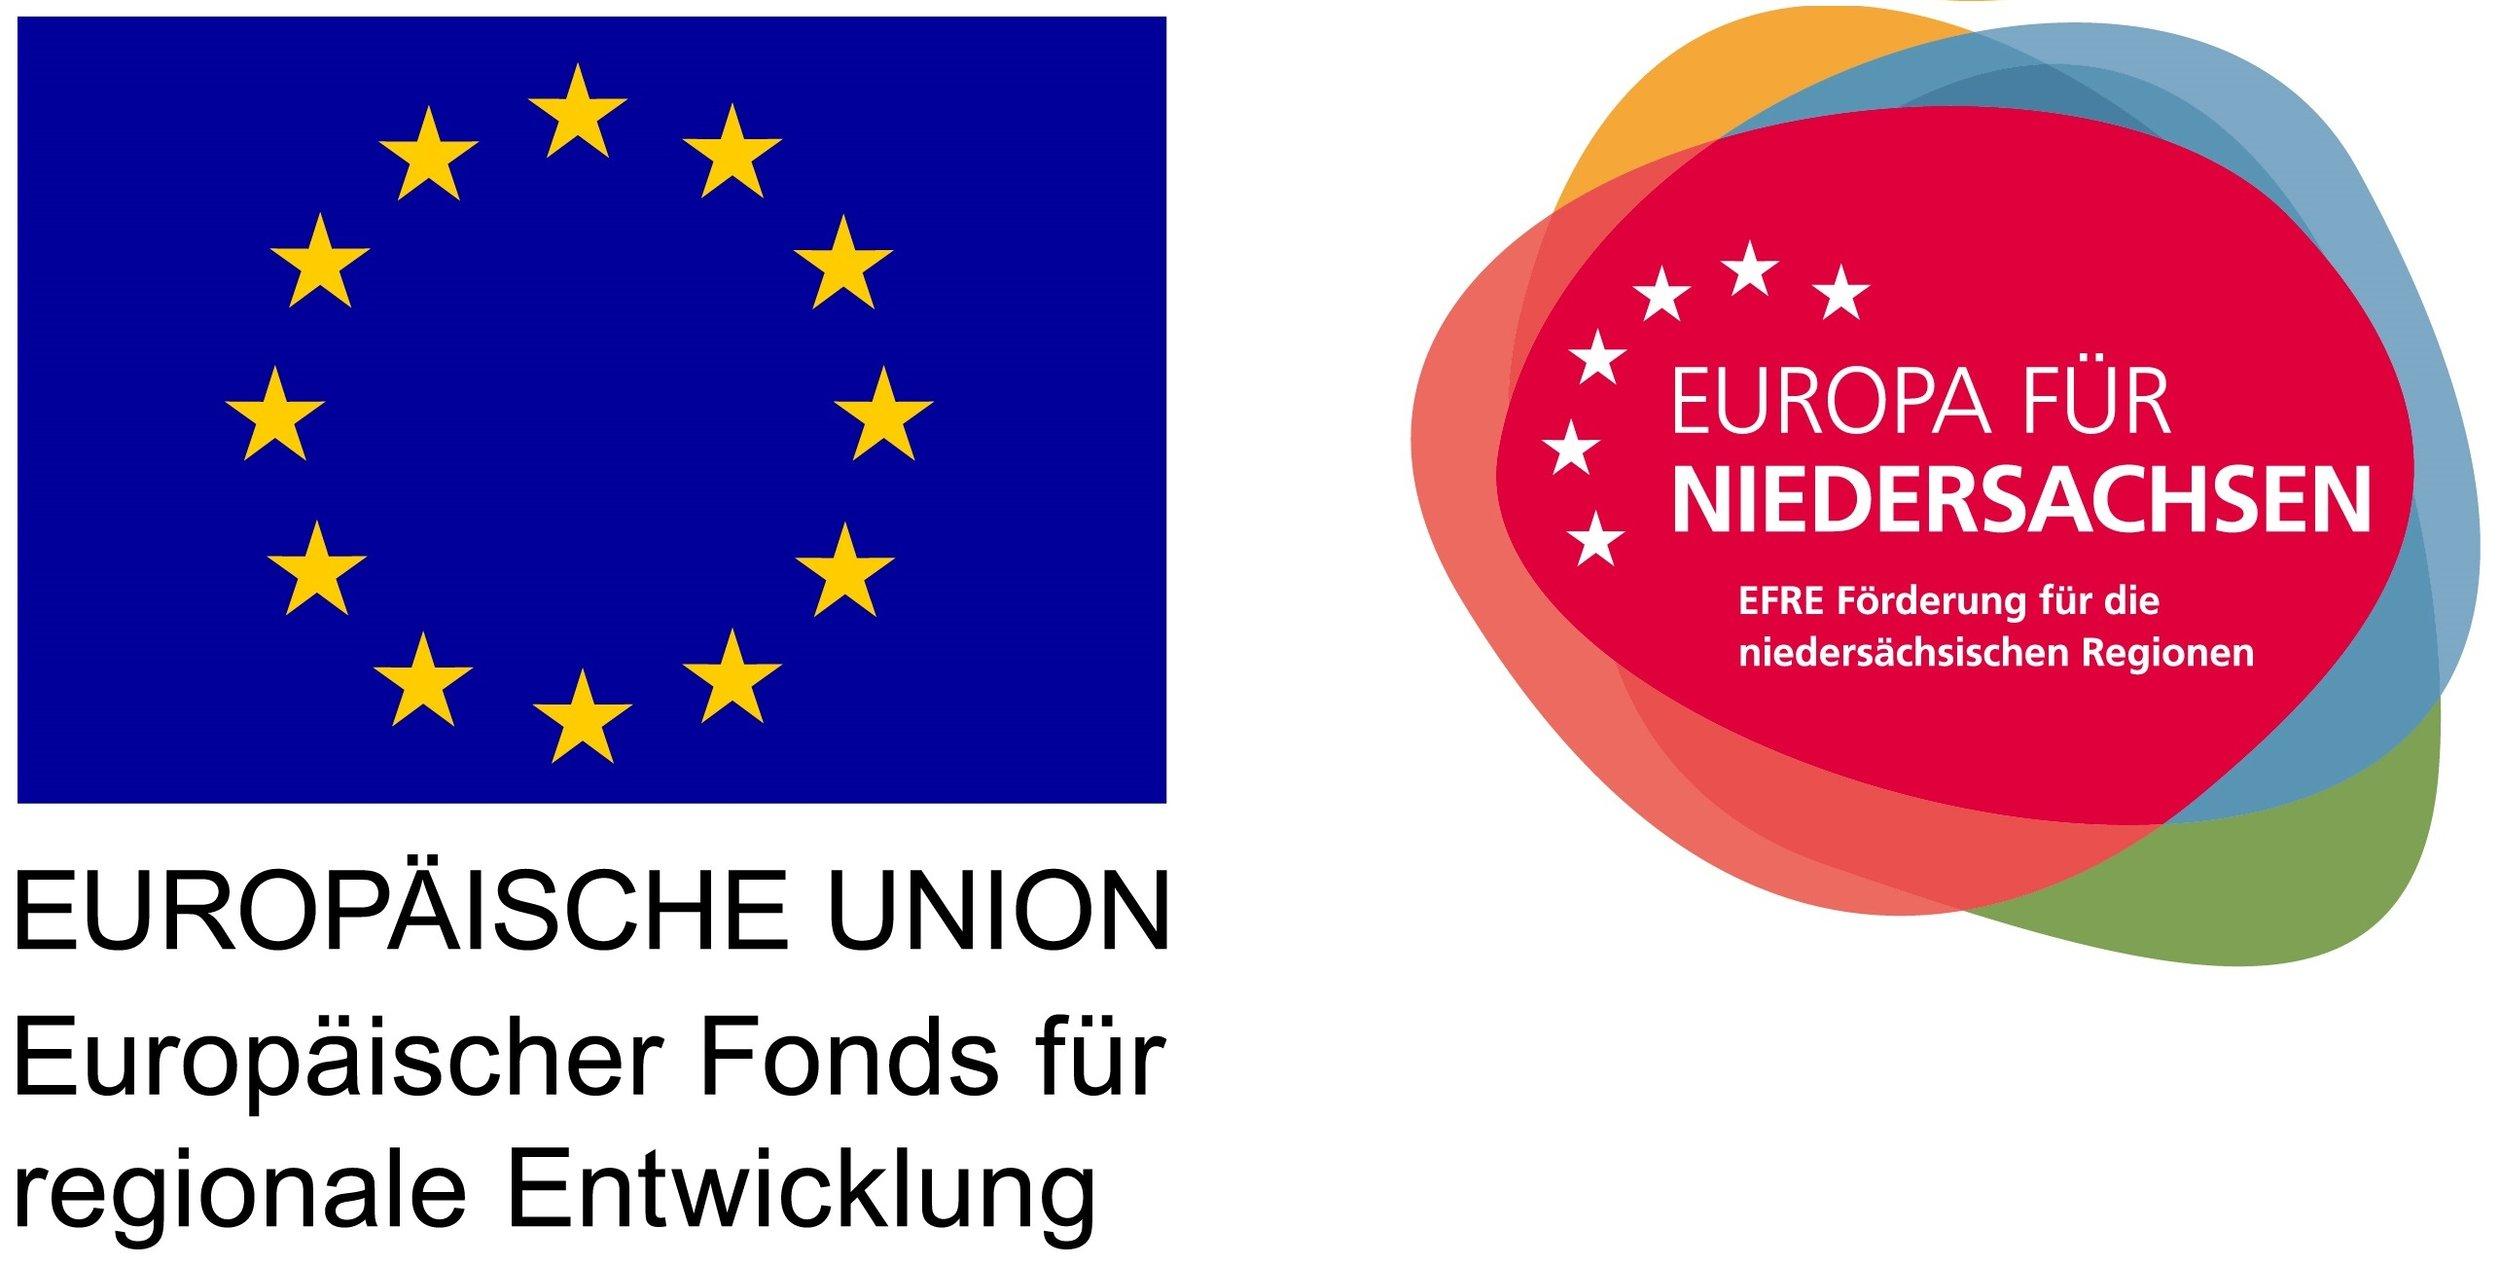 """Forschungsprojekt SDS - Unsere Teilnahme am Forschungsprojekt """"Semantic Data Shopping"""" wird von der Europäischen Union gefördert. Mehr Informationen finden Sie in der Vorstellung des Projektes."""